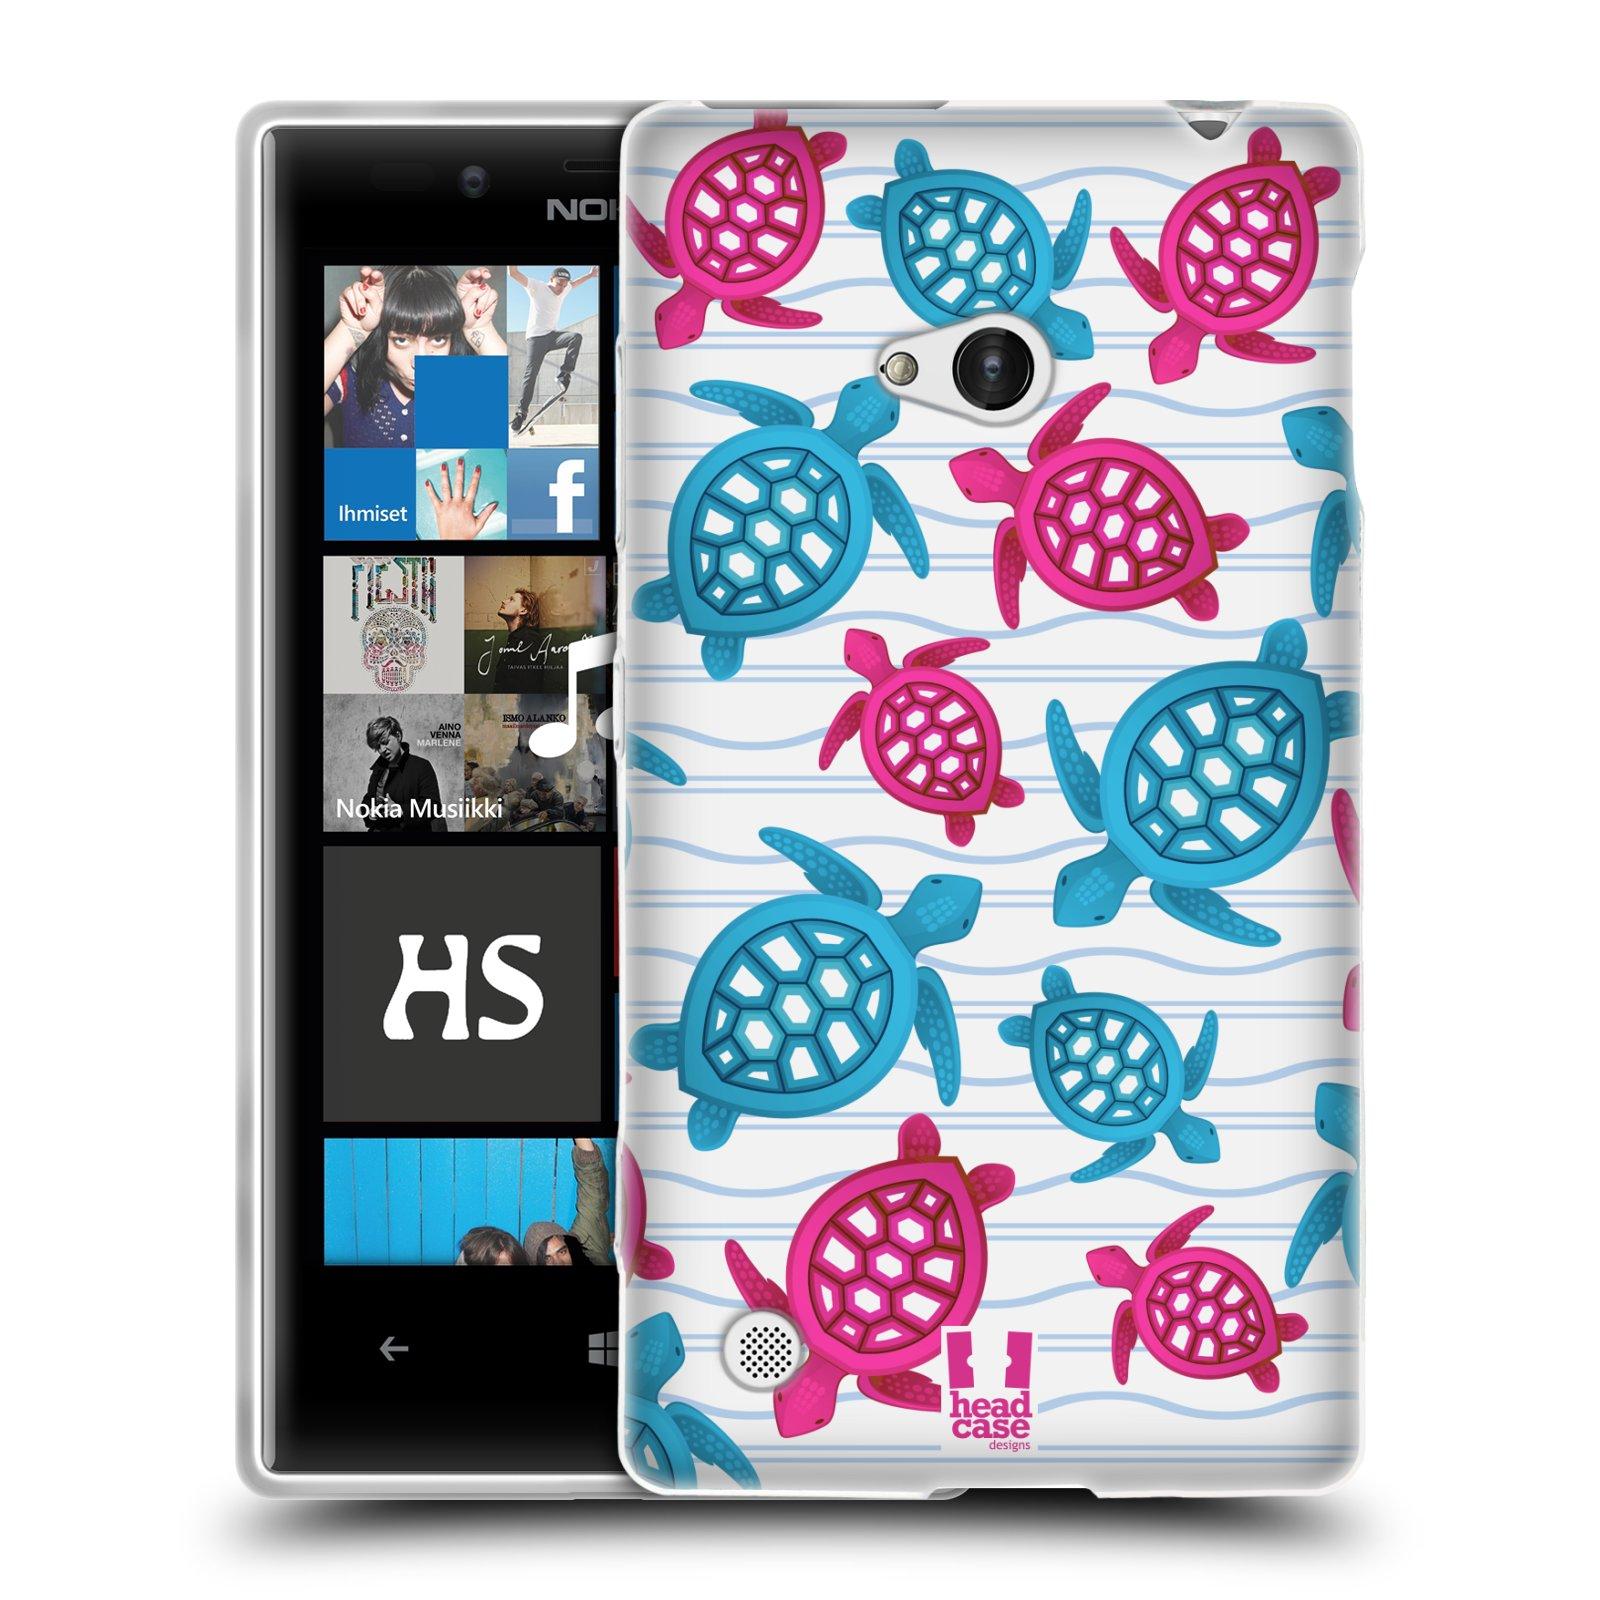 HEAD CASE silikonový obal na mobil NOKIA Lumia 720 vzor mořský živočich želva modrá a růžová